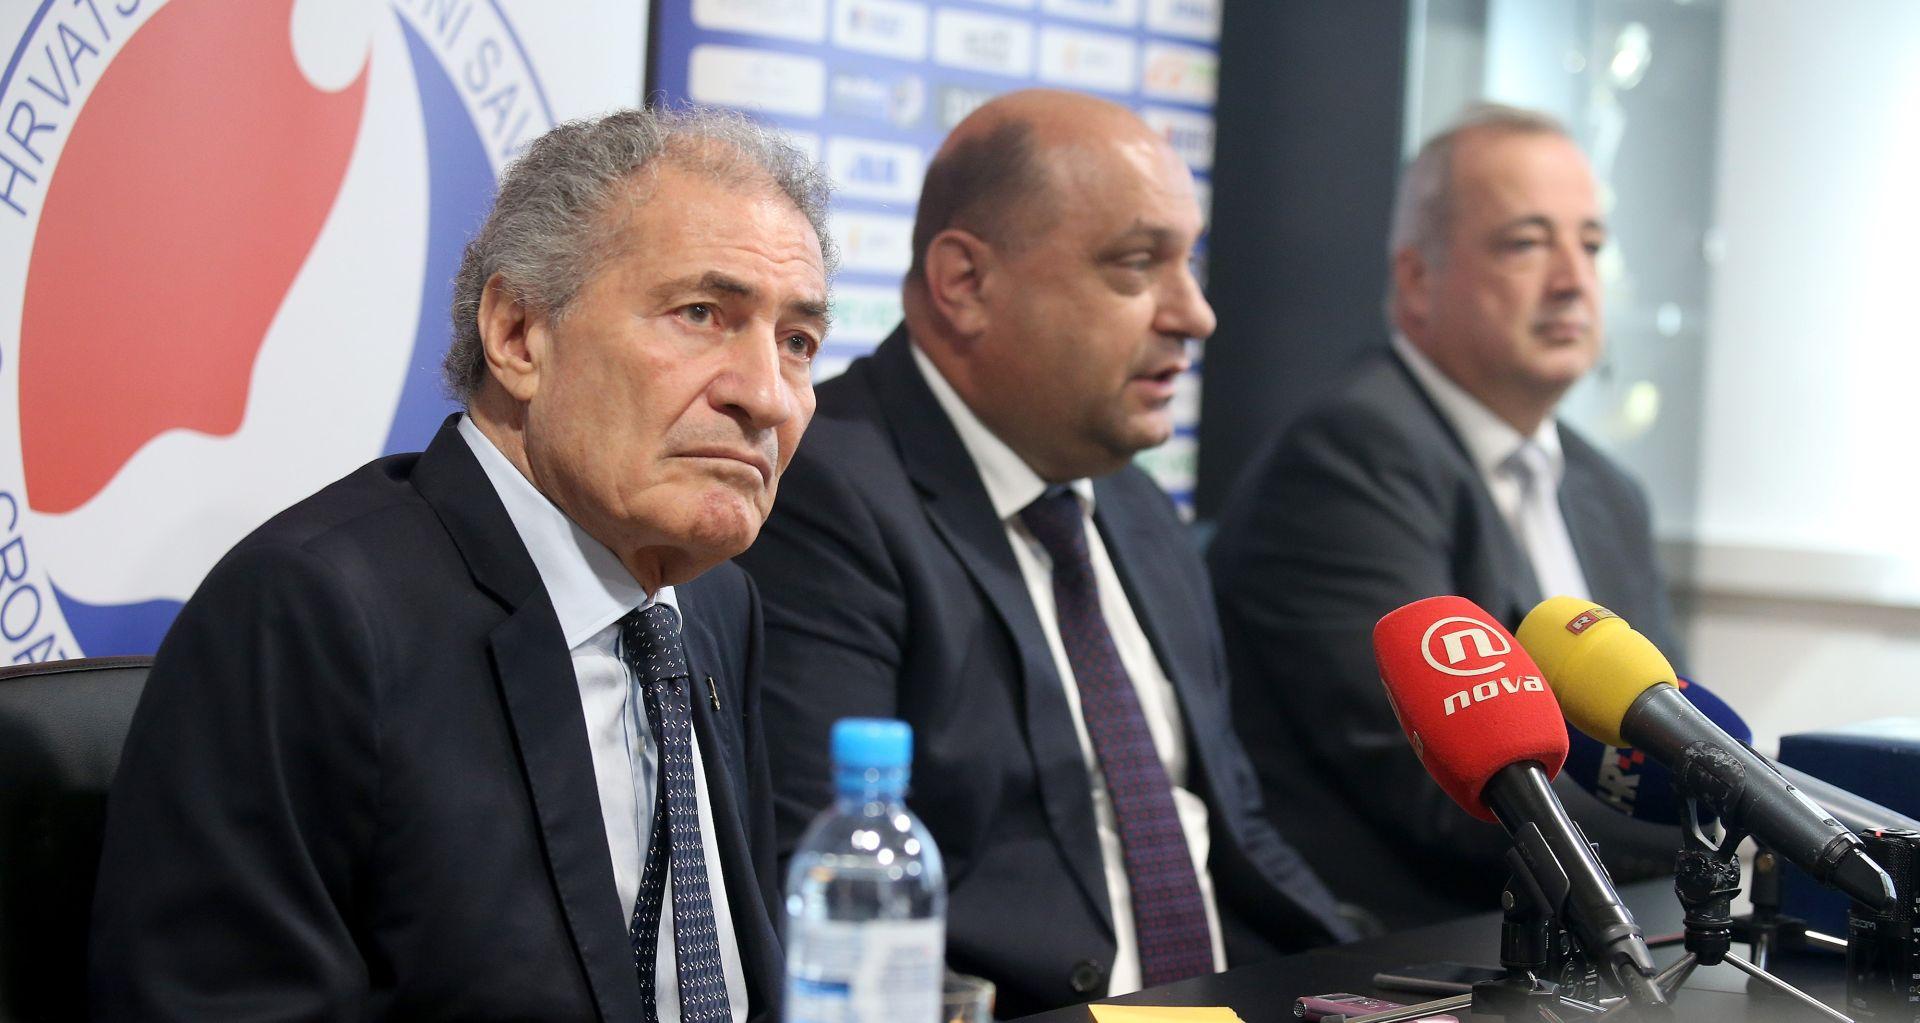 Predsjednik IHF-a: Hrvatska je srce svjetskog rukometa